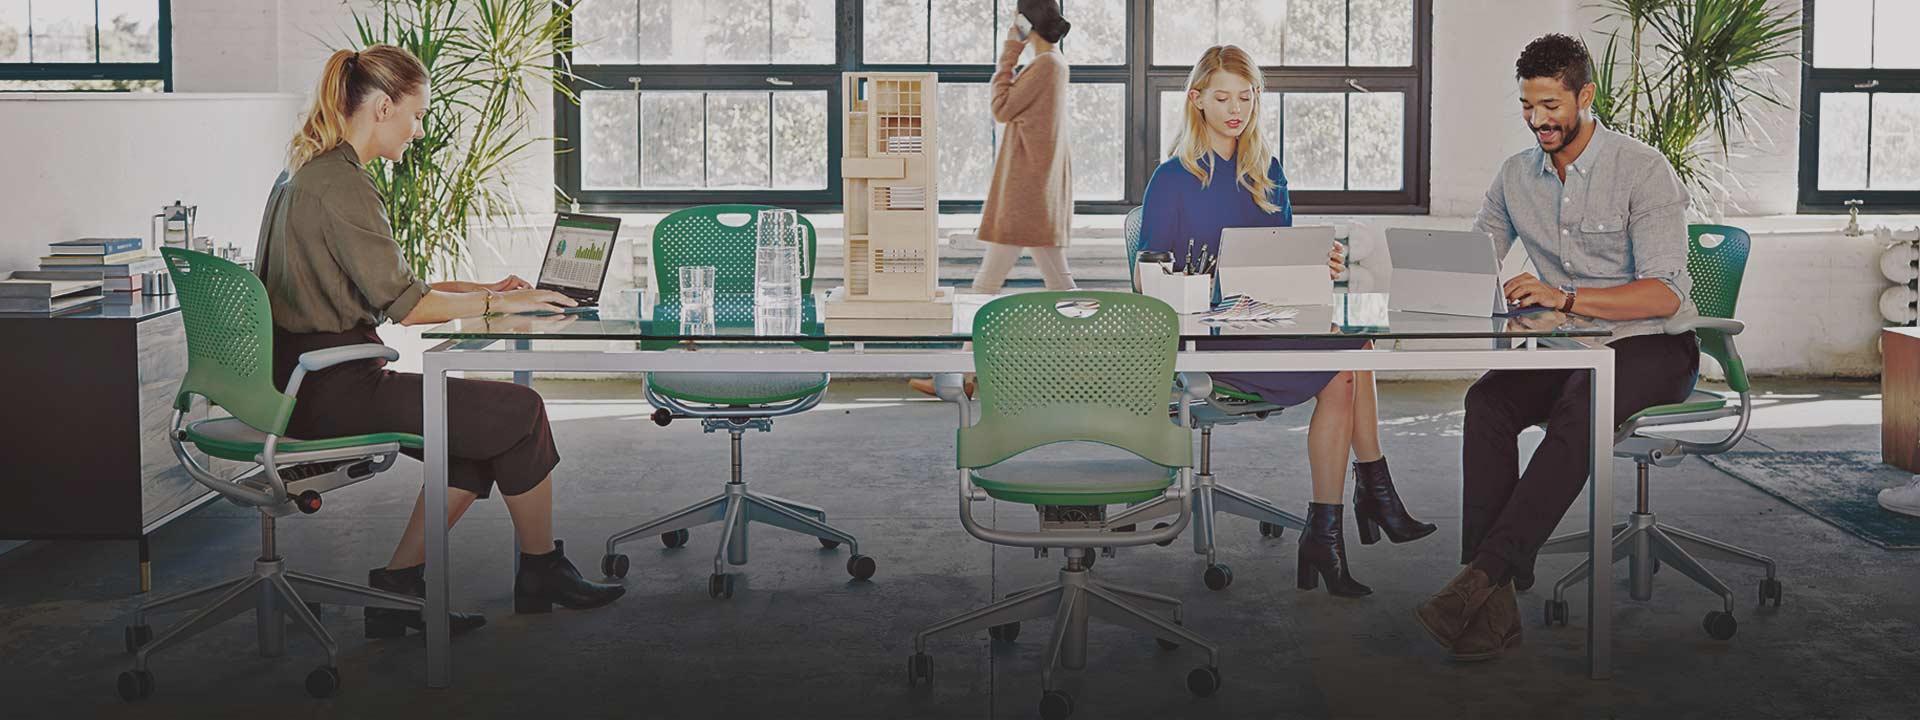 Des personnes en plein travail, en savoir plus sur Office 365